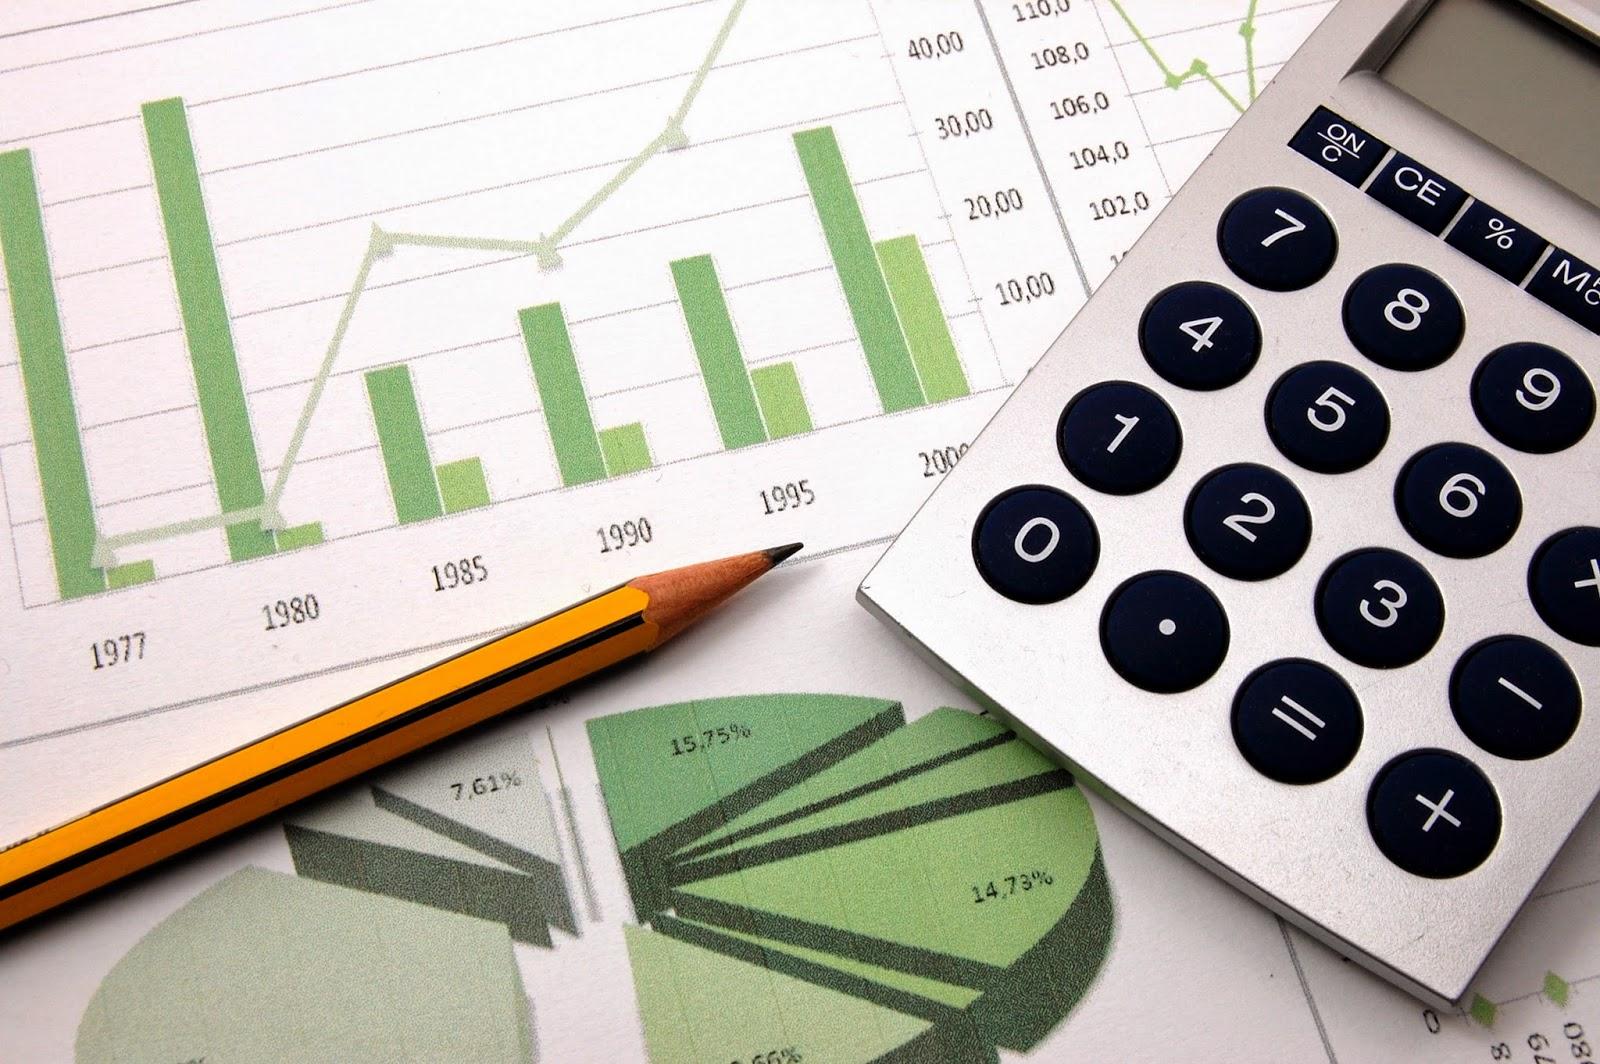 Из госбюджета на просвещение выделено почти в 90 раз больше средств